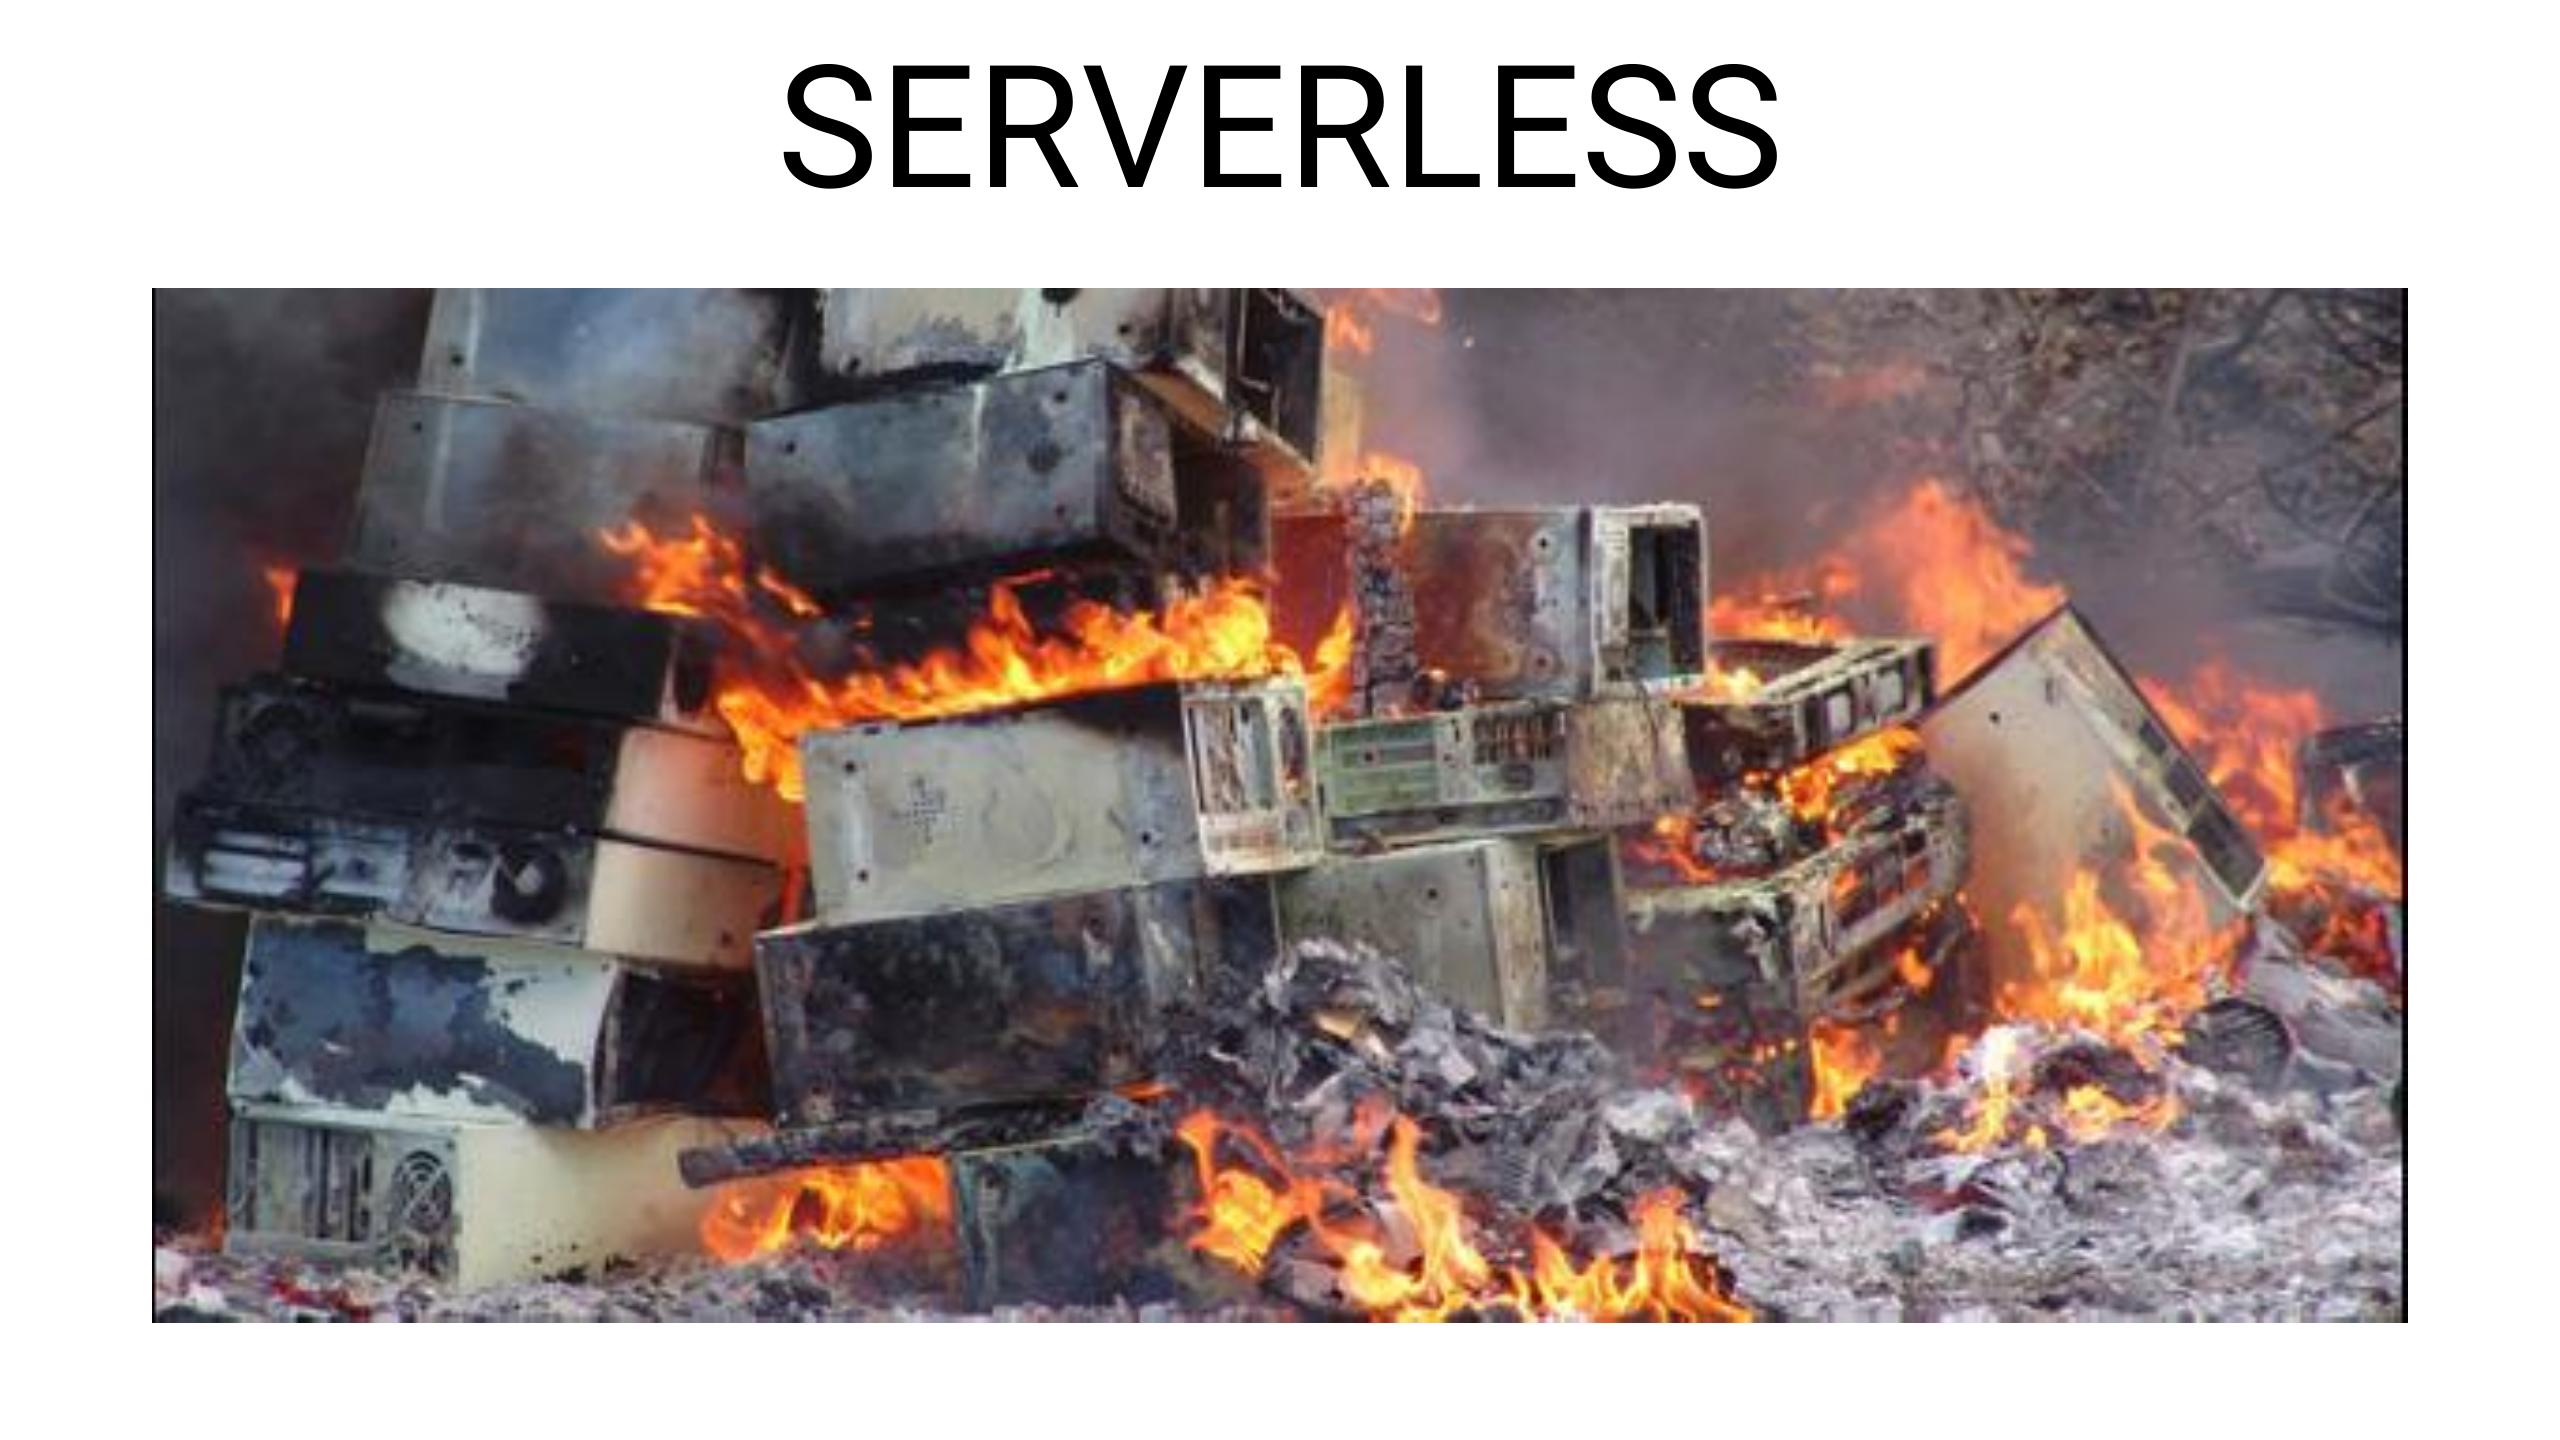 ДевОпс и Хаос: доставка ПО в децентрализованном мире - 9